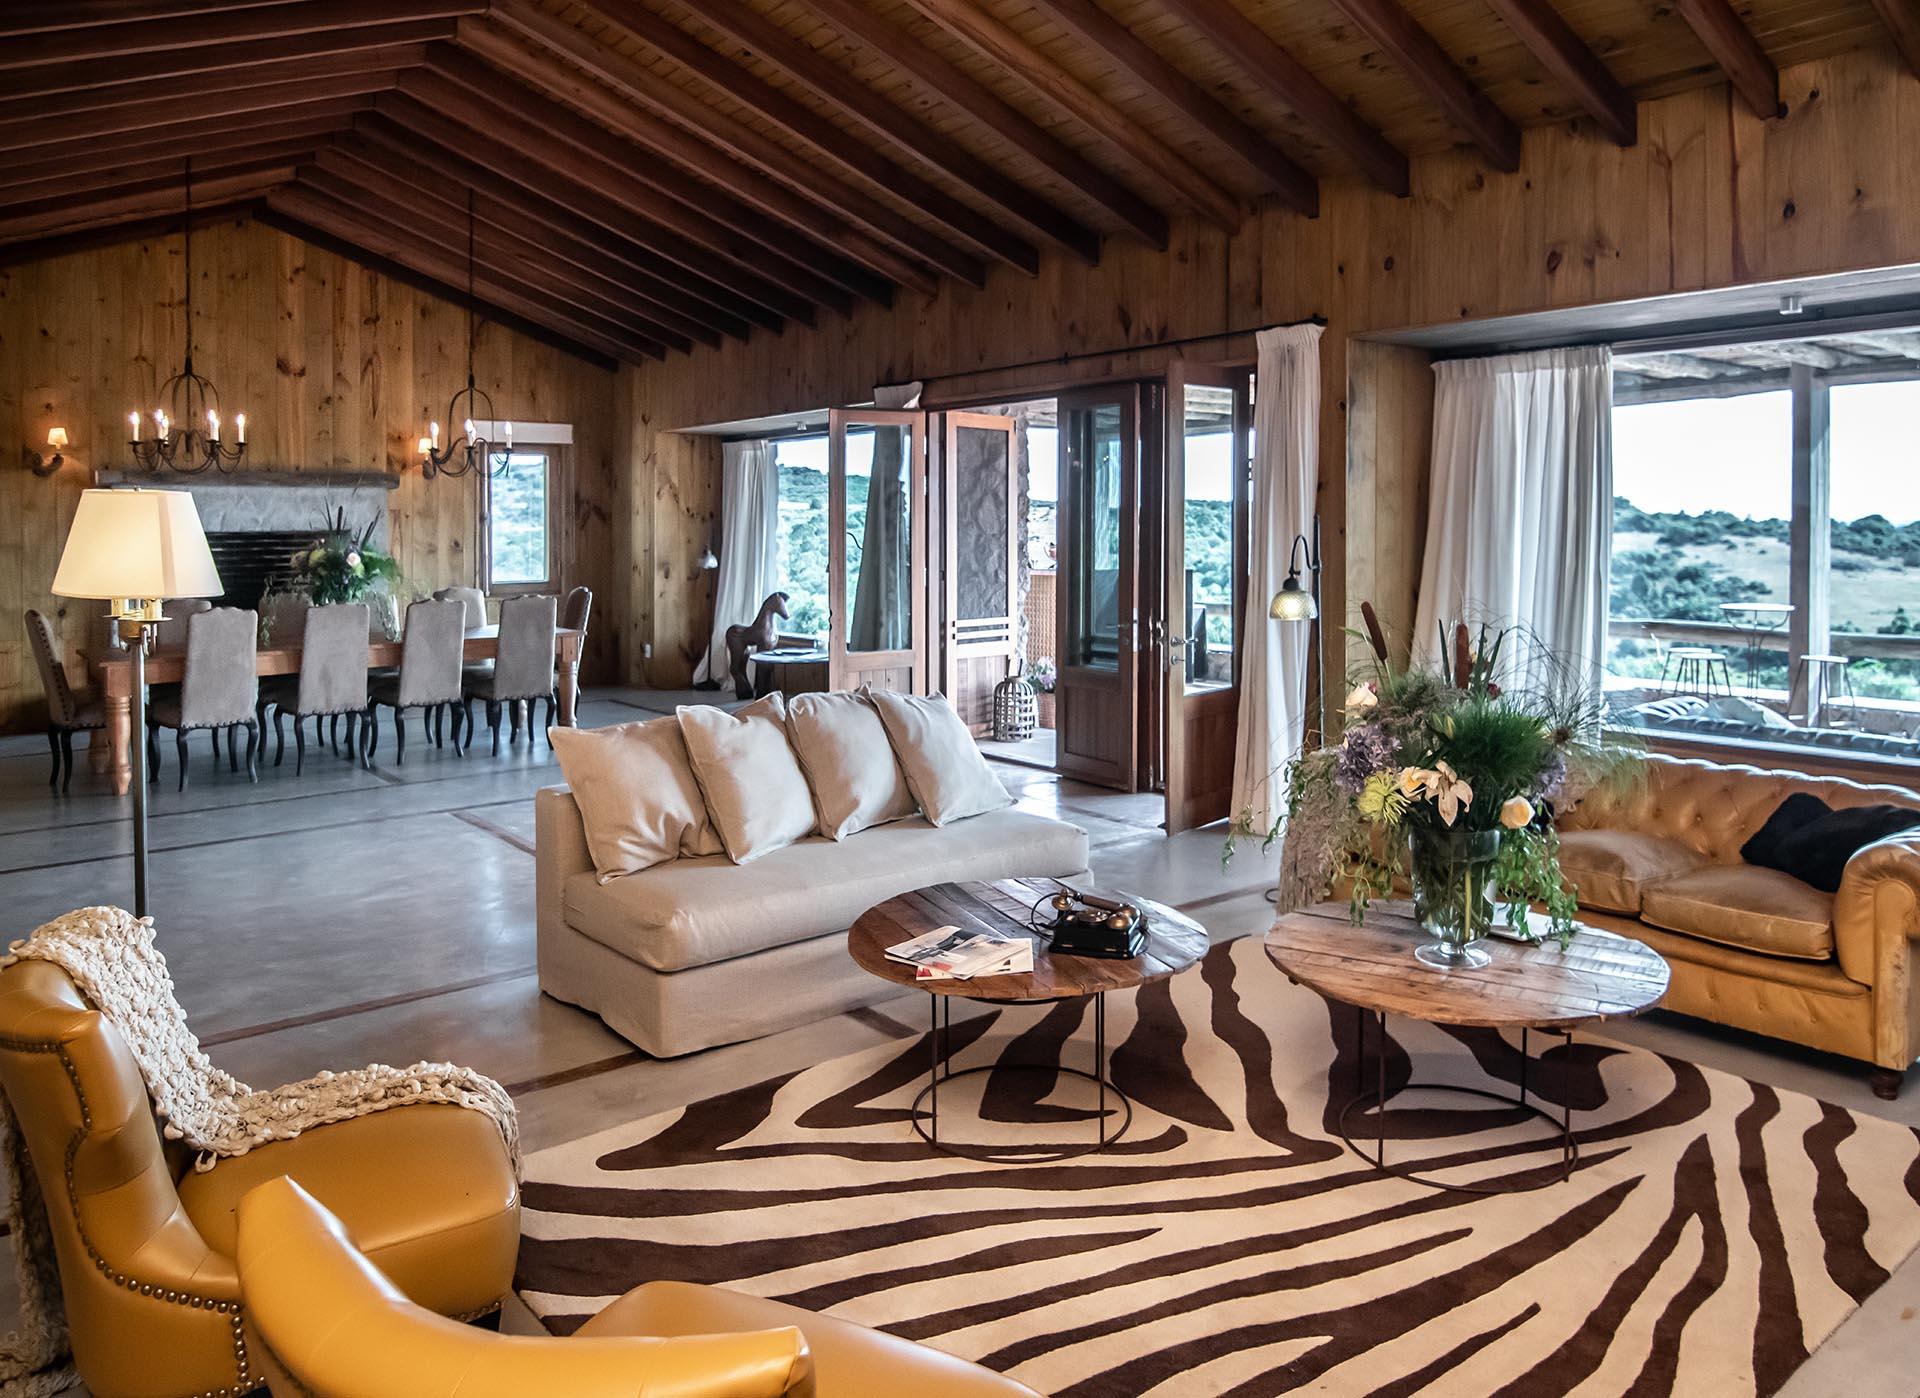 Esta excepcional chacra de 800 metros cuadrados cubiertos se presta a un idílico paraíso al aire libre